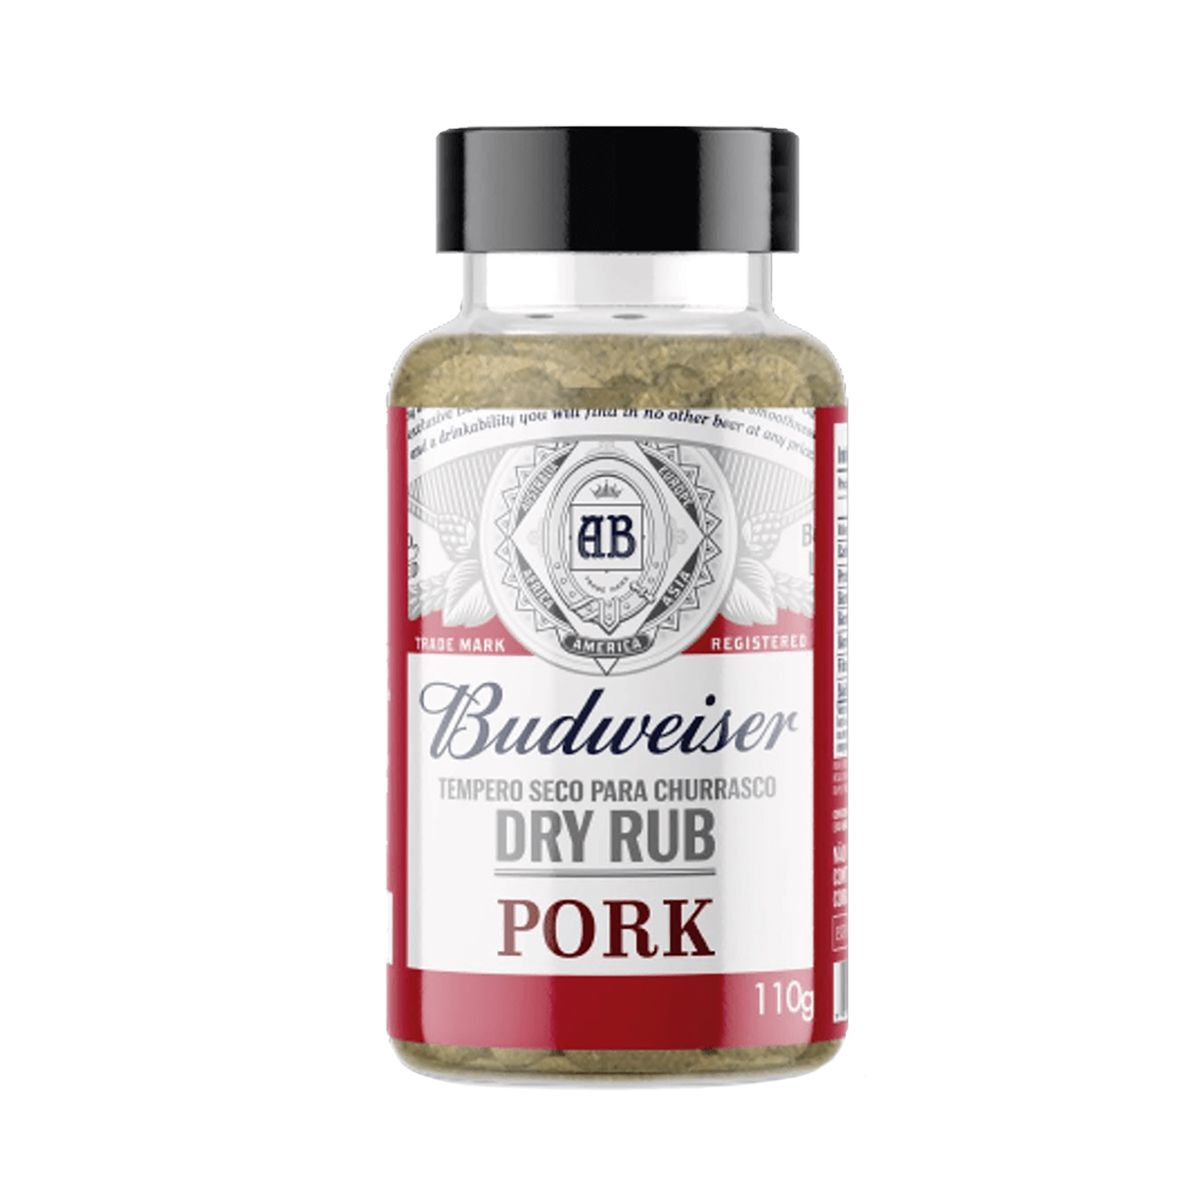 Tempero Seco para Carne de Porco Budweiser Dry Rub Pork 110g